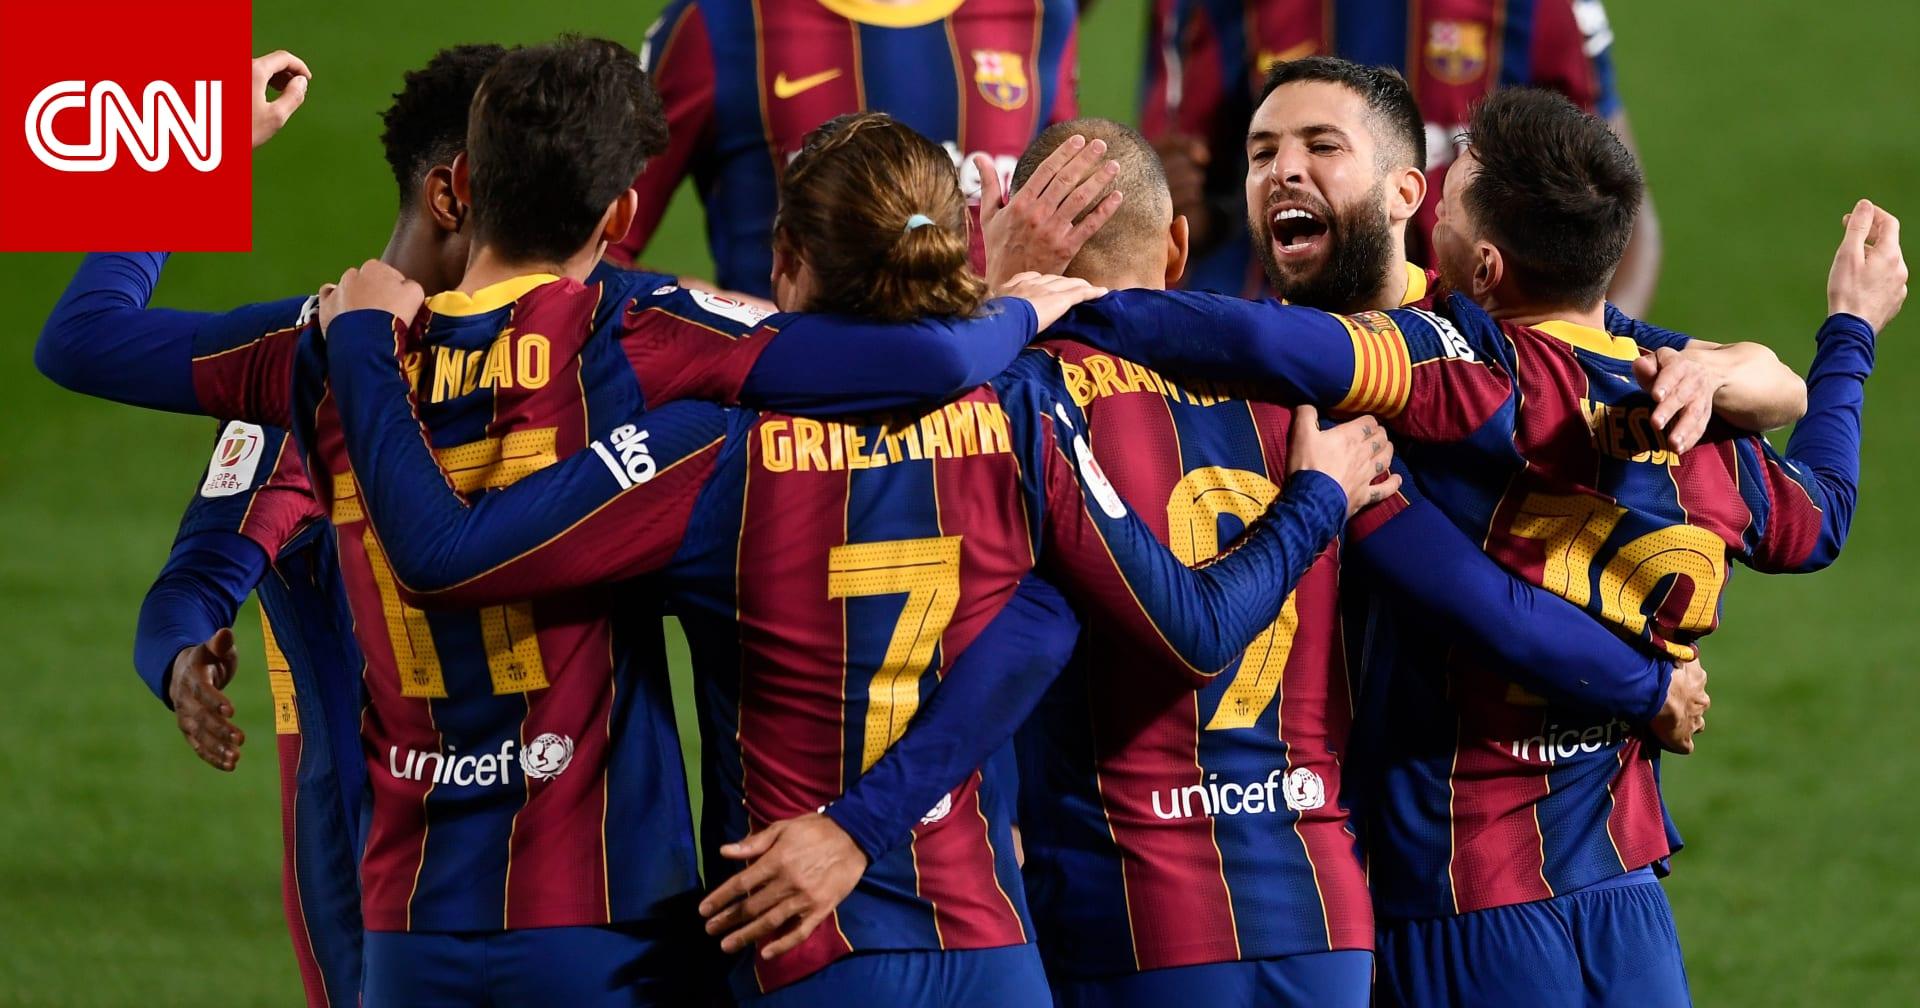 ريمونتادا تاريخية لبرشلونة تُؤمن عبوره إلى نهائي كأس إسبانيا